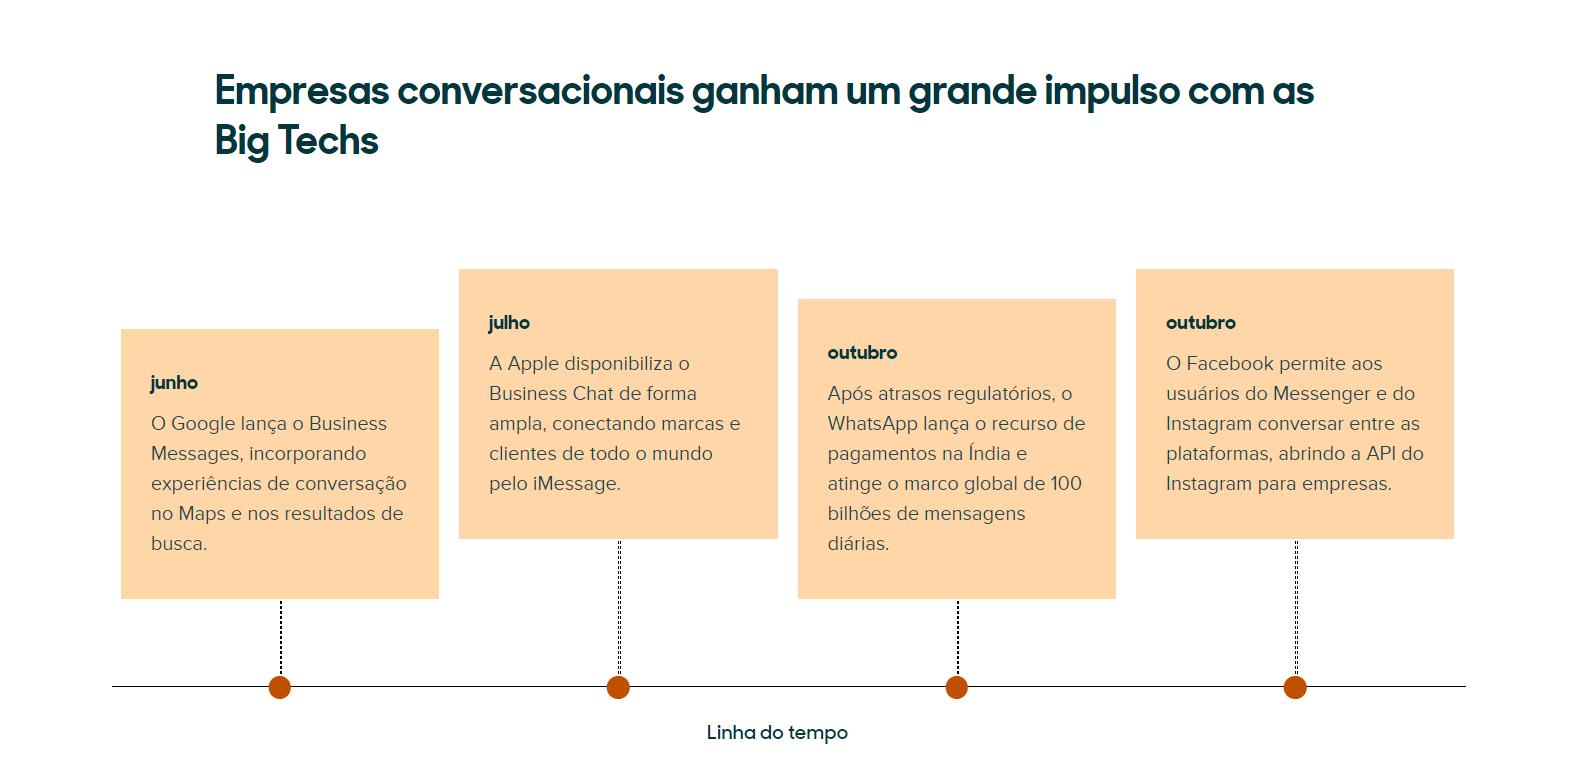 Empresas conversacionais ganham impulso com as big techs